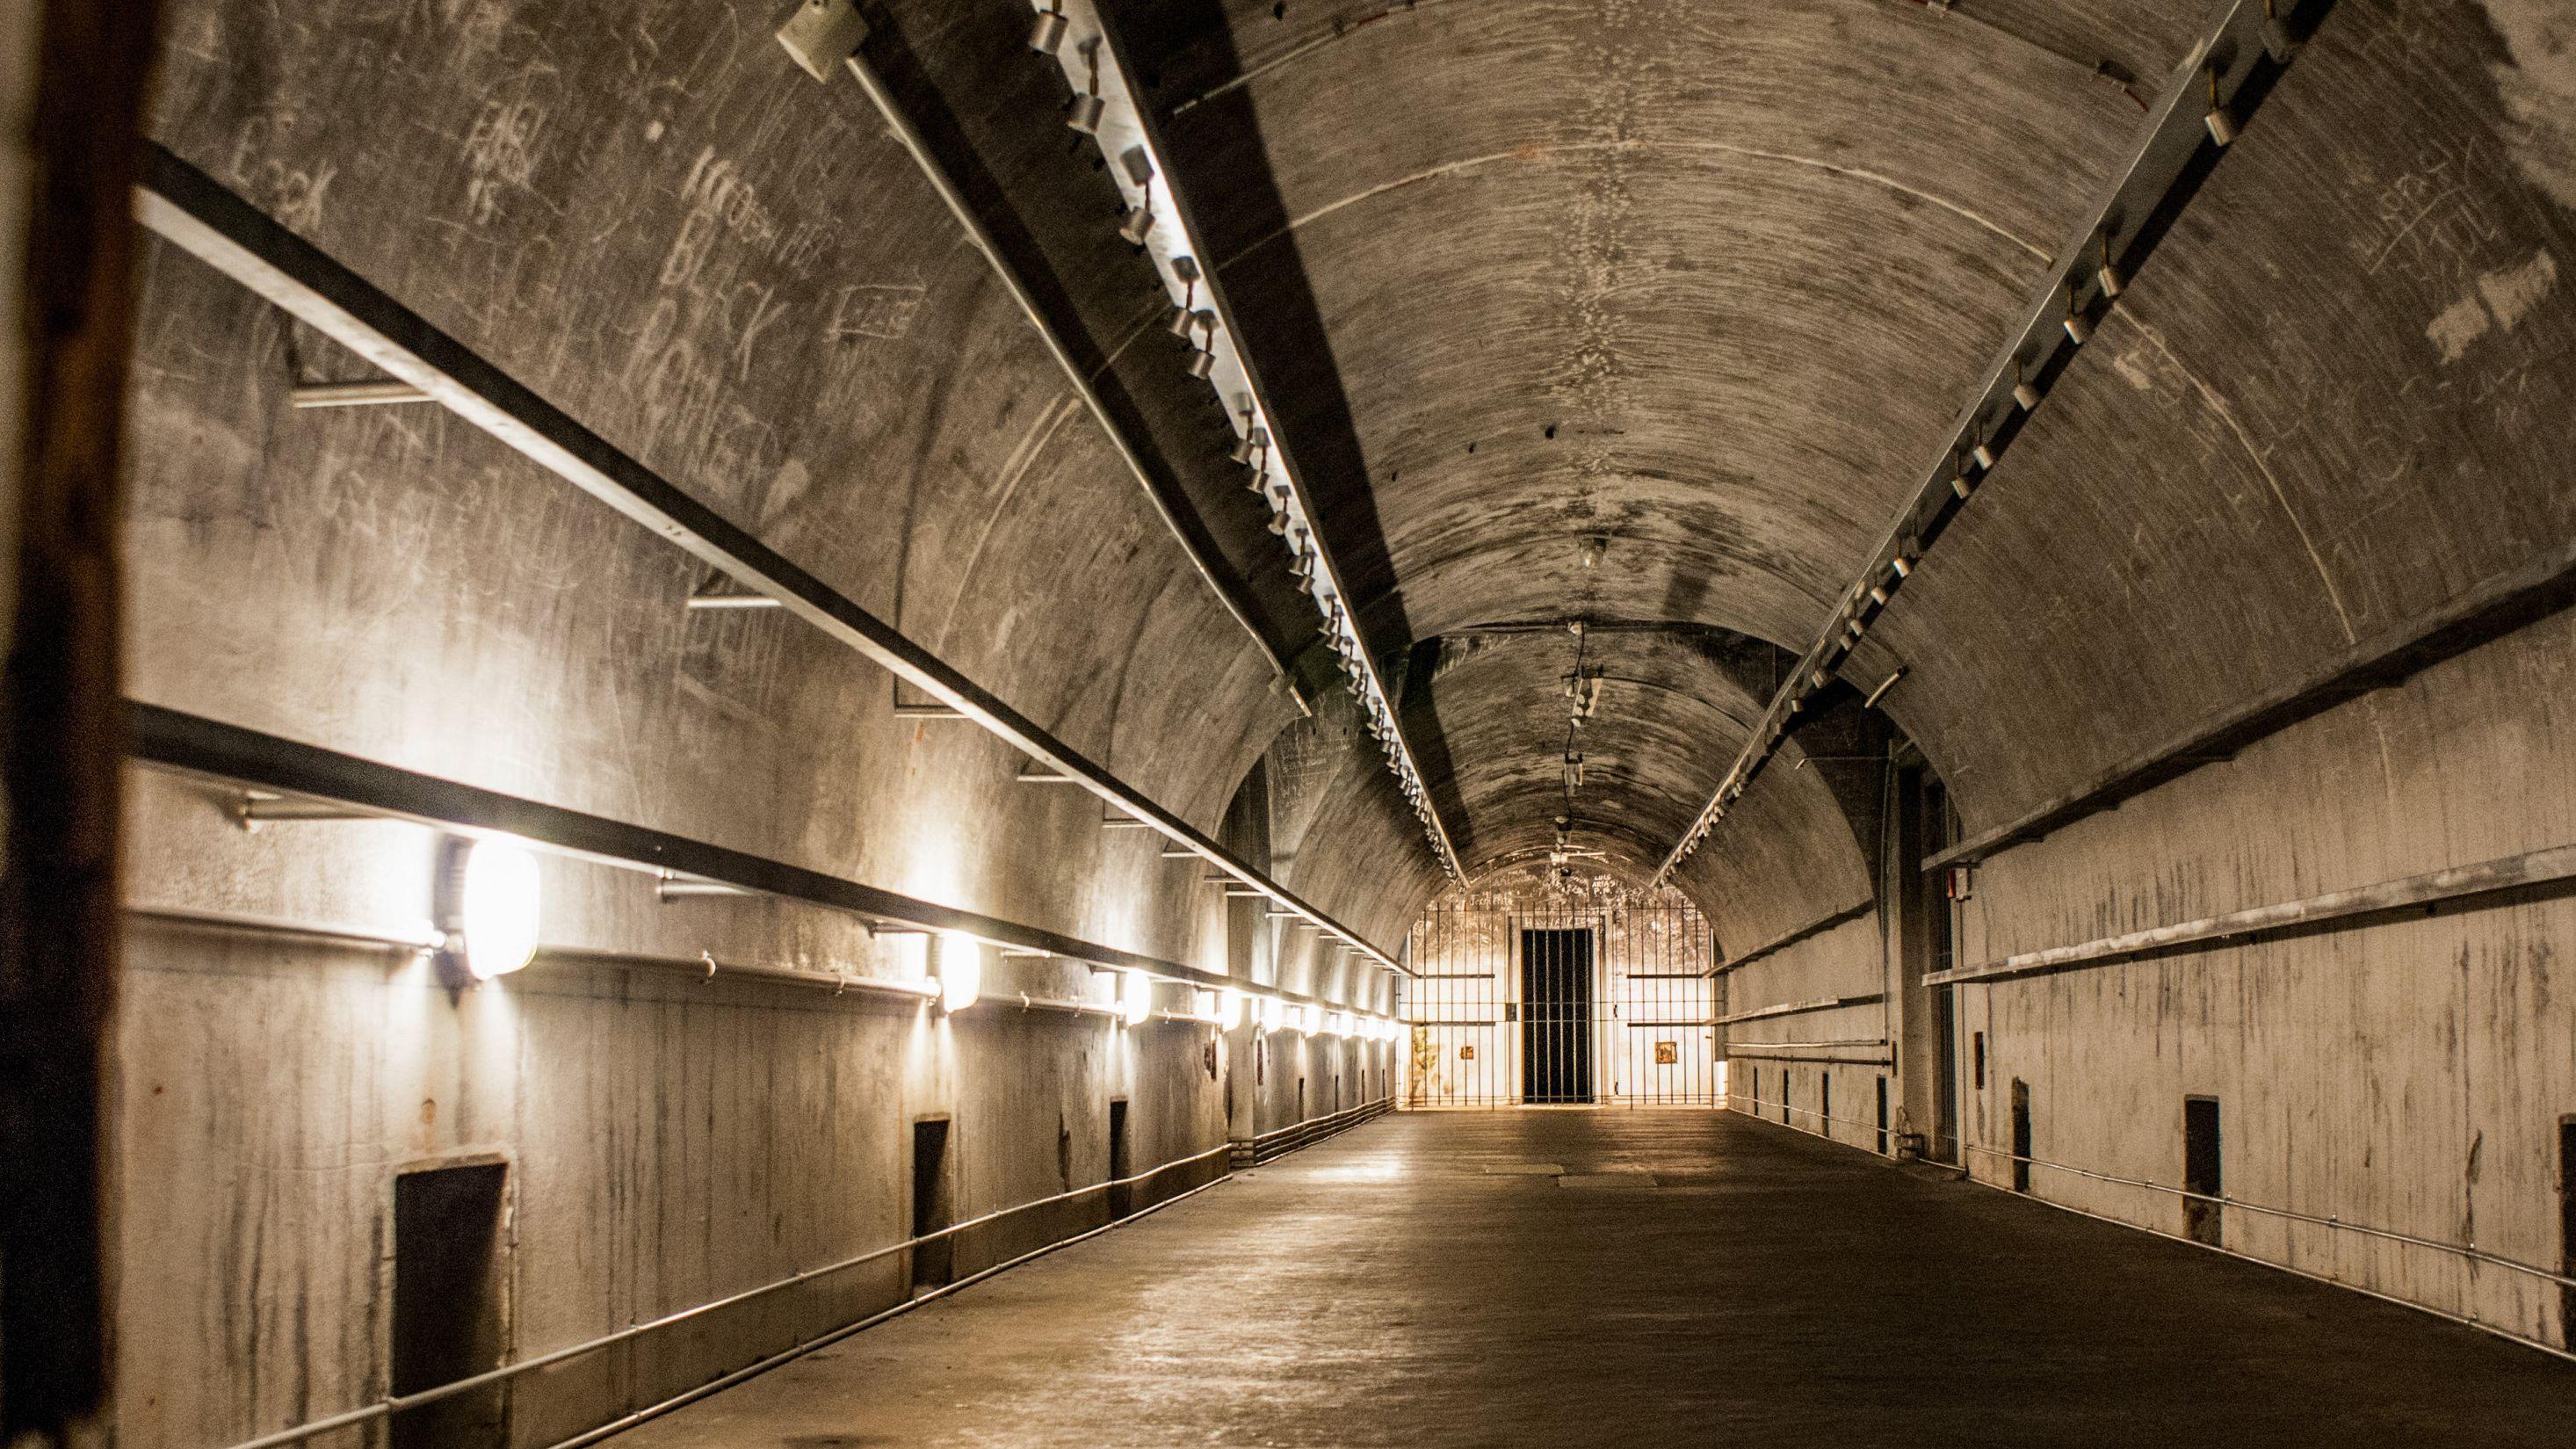 Innenansicht der Bunkeranlage Obersalzberg: Ein Betongewölbe mit einem Gitter am Ende des Ganges. An den Wänden sind verblasste Schriftzüge zu erkennen.